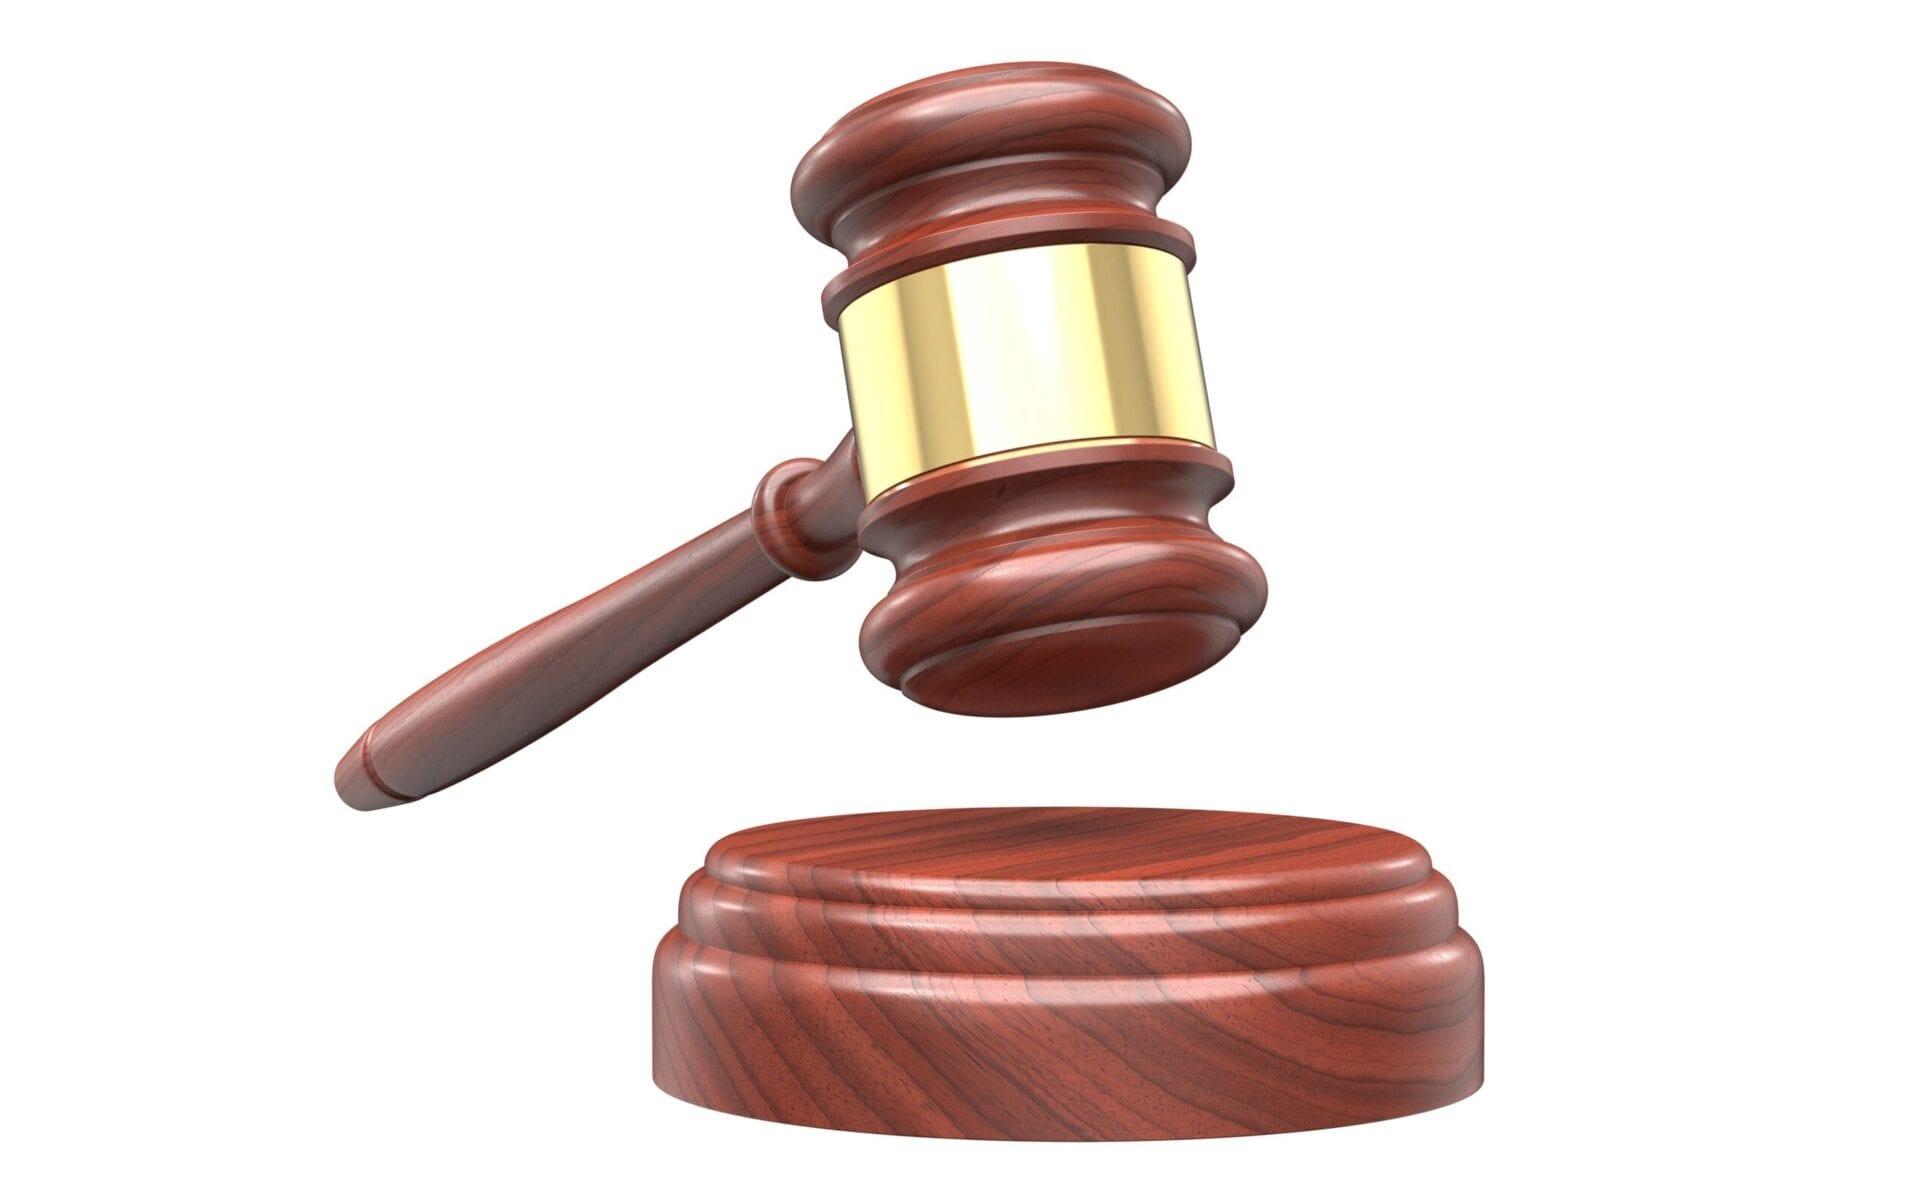 reforma judicial miguel zarate